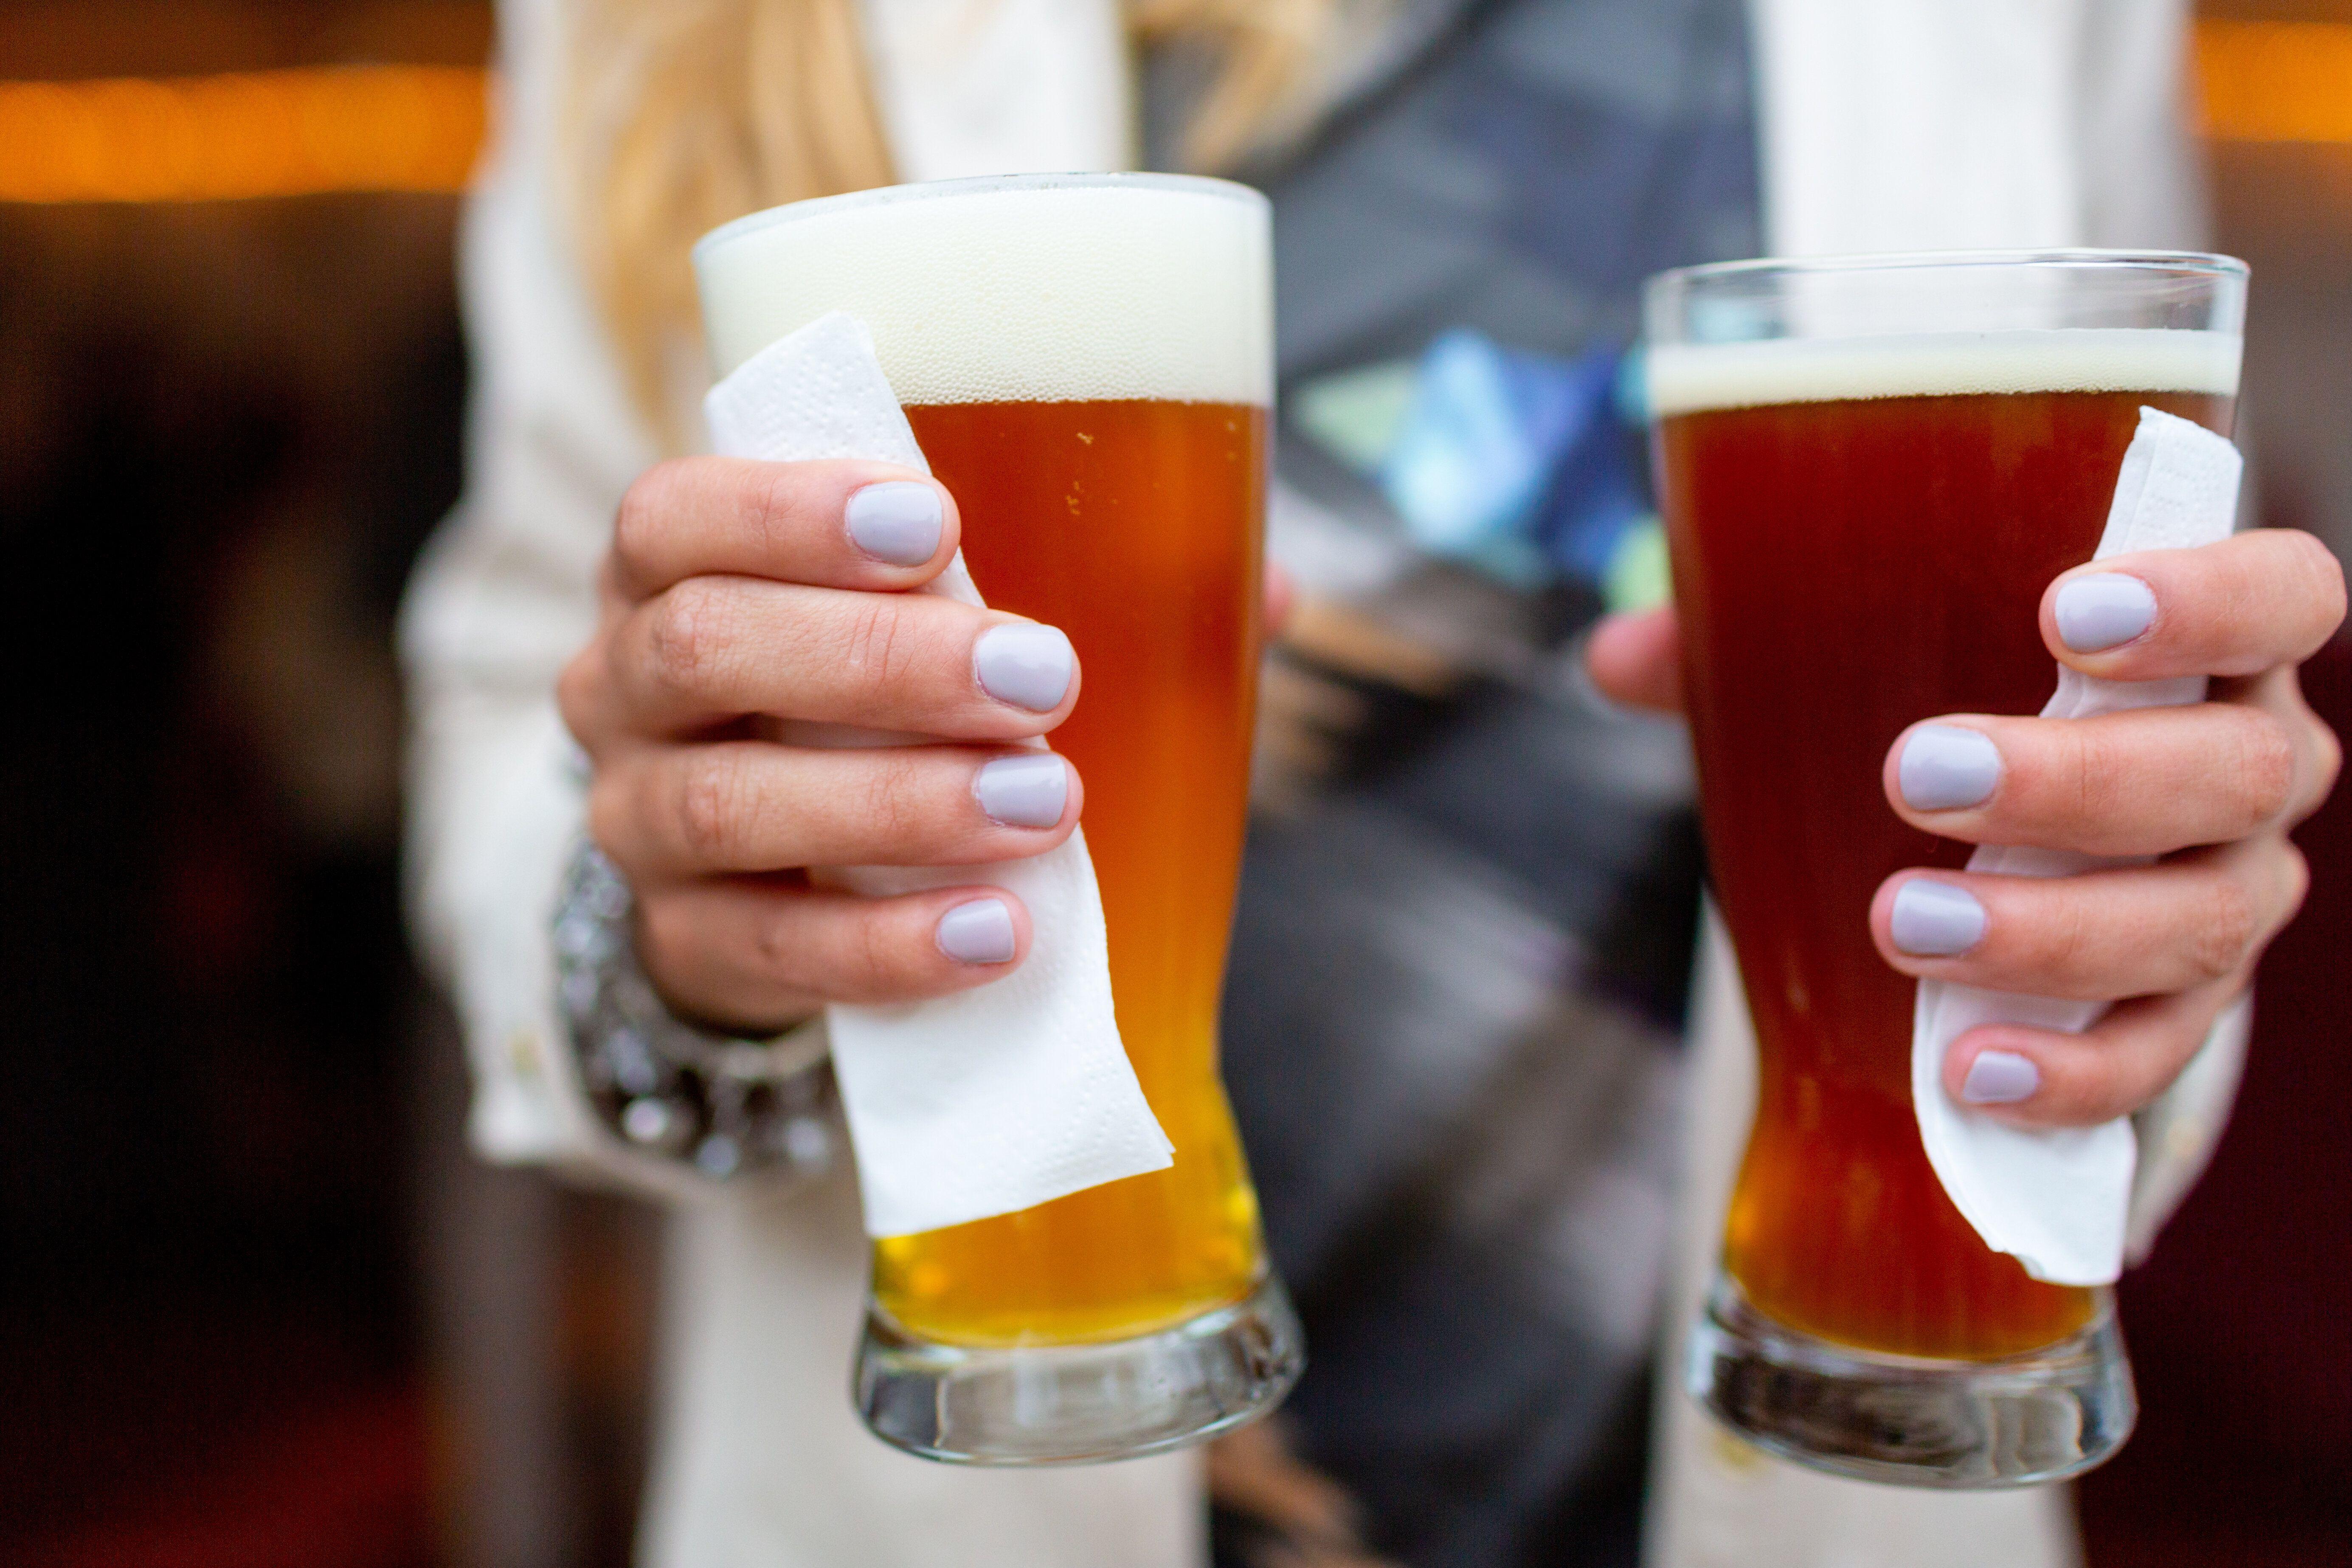 Une femme tenant deux verres de bières dans ses